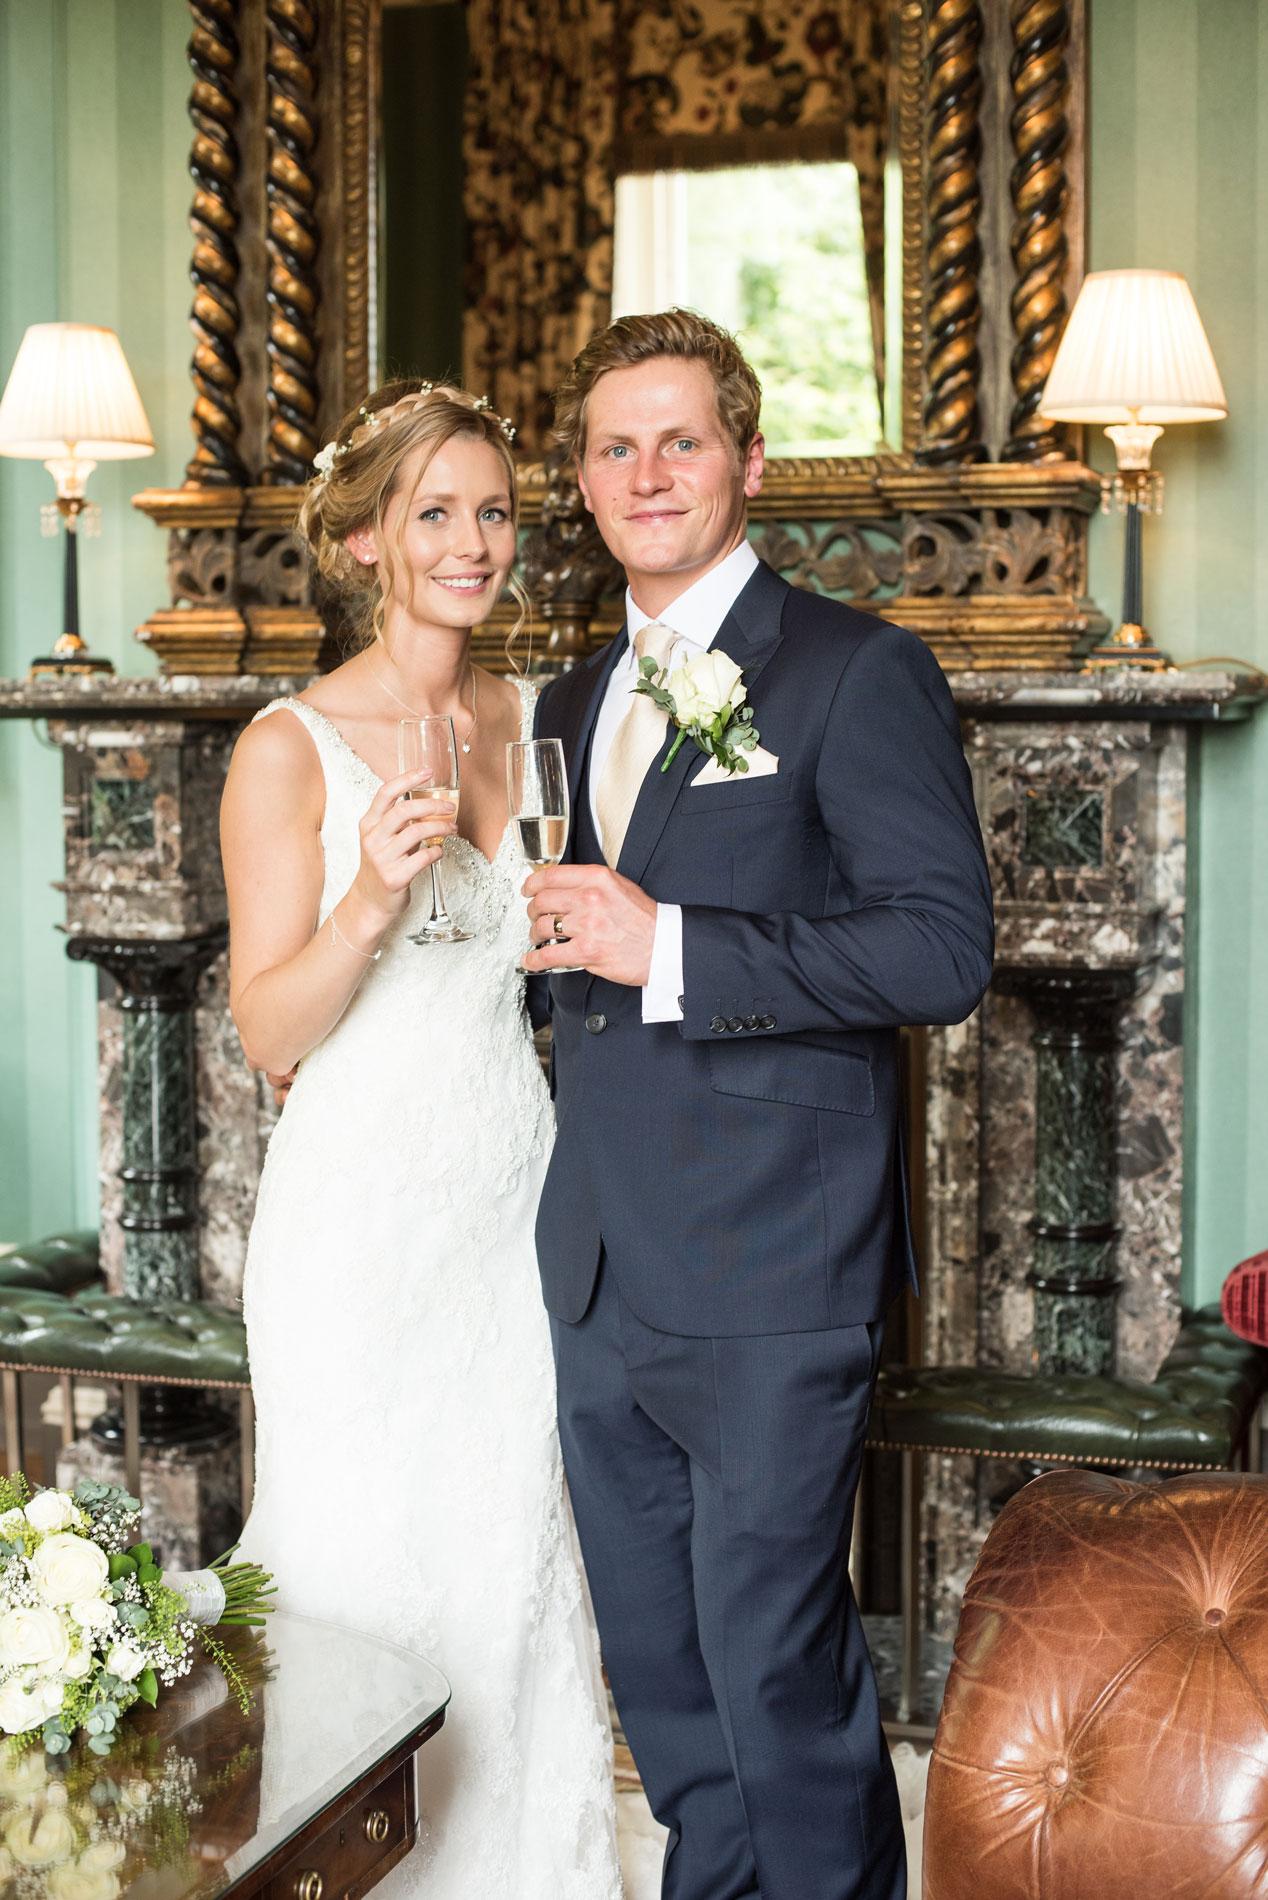 Kilworth-weddings-_36.jpg